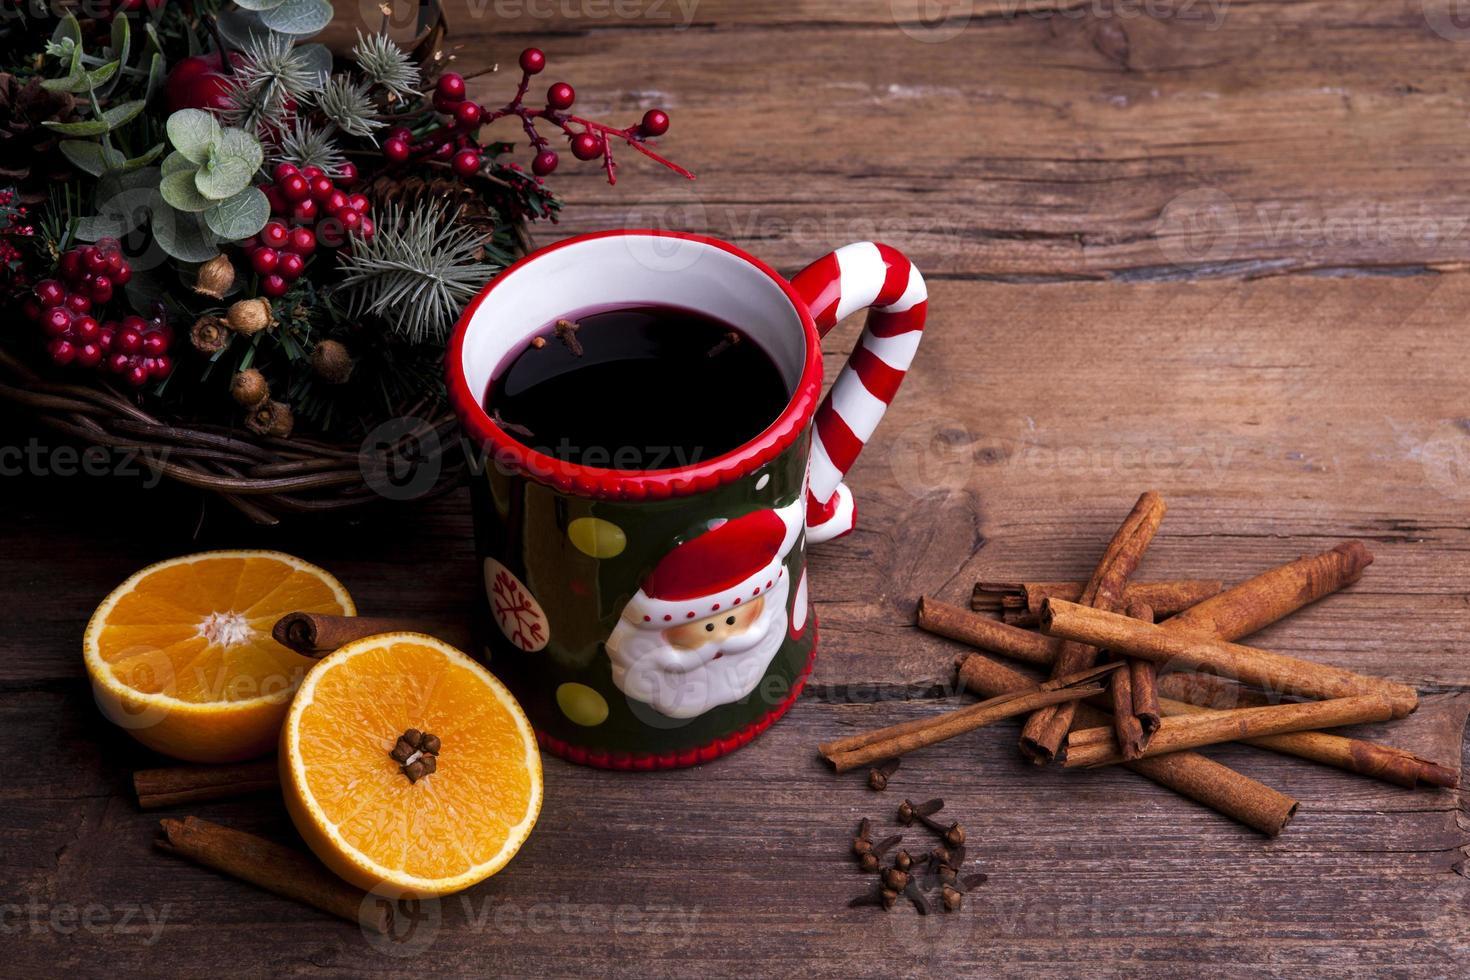 vinho quente com decorações de natal foto